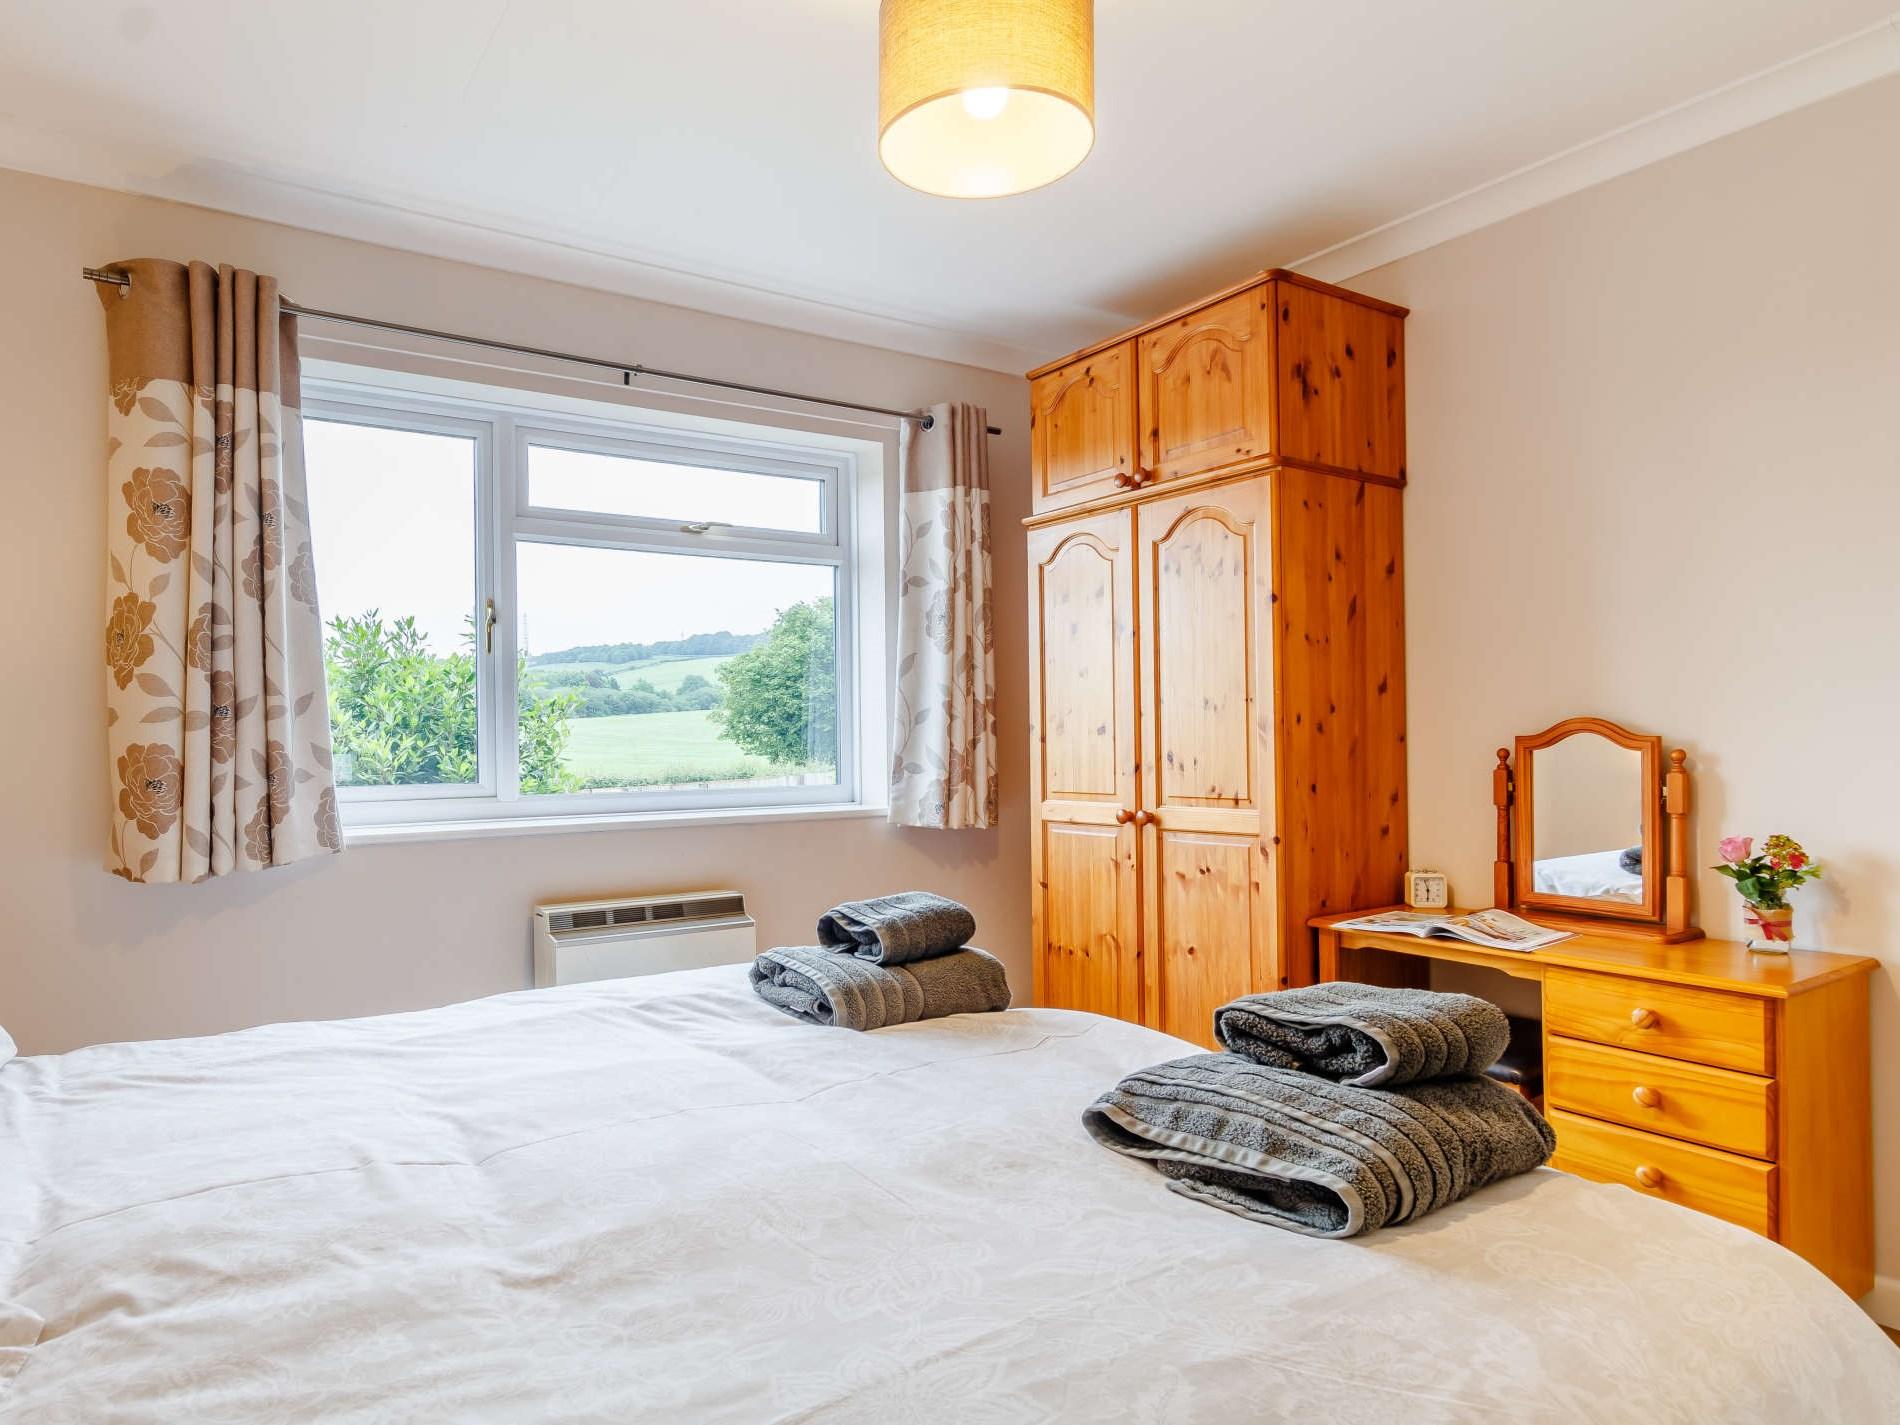 2 Bedroom Bungalow in Dorset, Dorset and Somerset